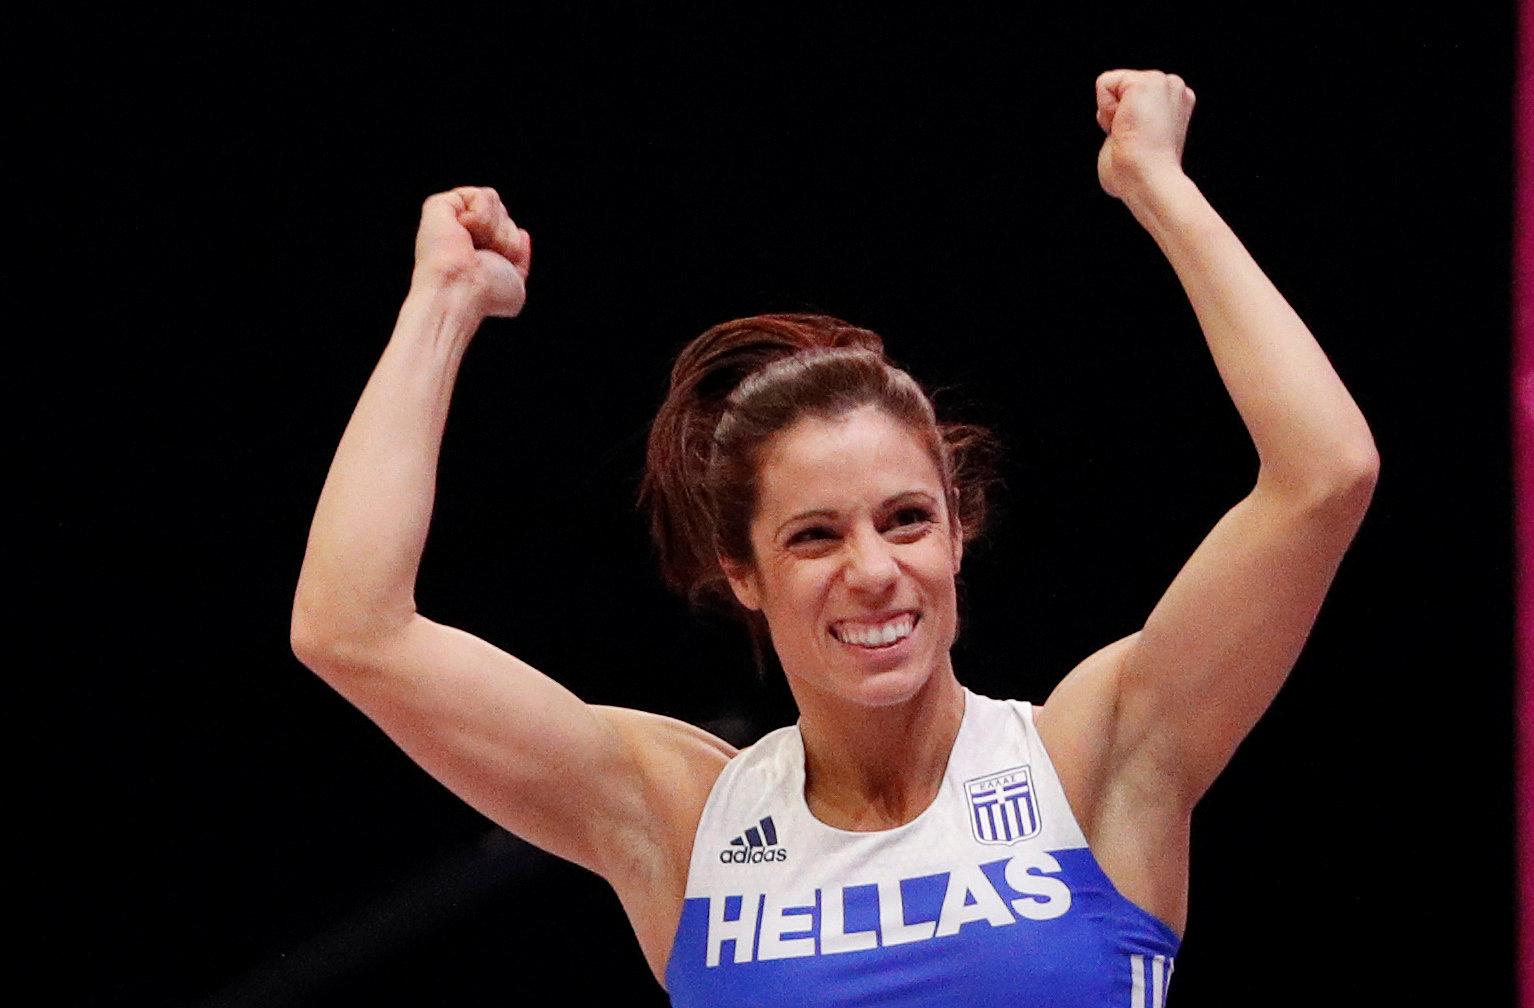 Με τρεις ελληνίδες αθλήτριες ο τελικός του άλματος επί κοντώ   tovima.gr